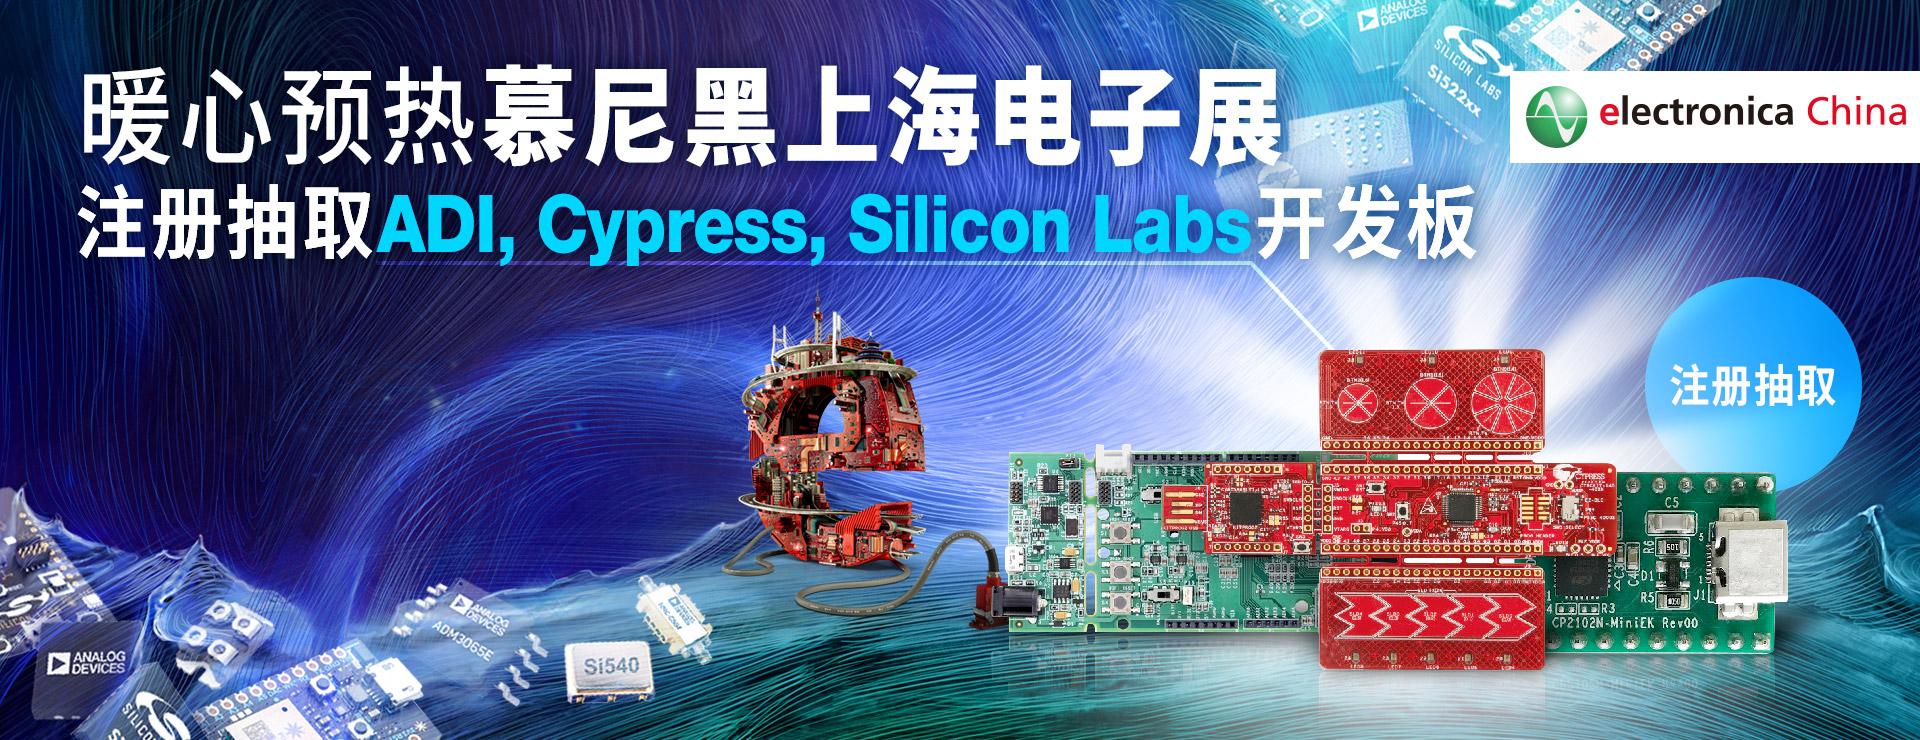 暖心预热慕尼黑上海电子展 - 注册抽取ADI, Cypress, Silicon Labs开发板